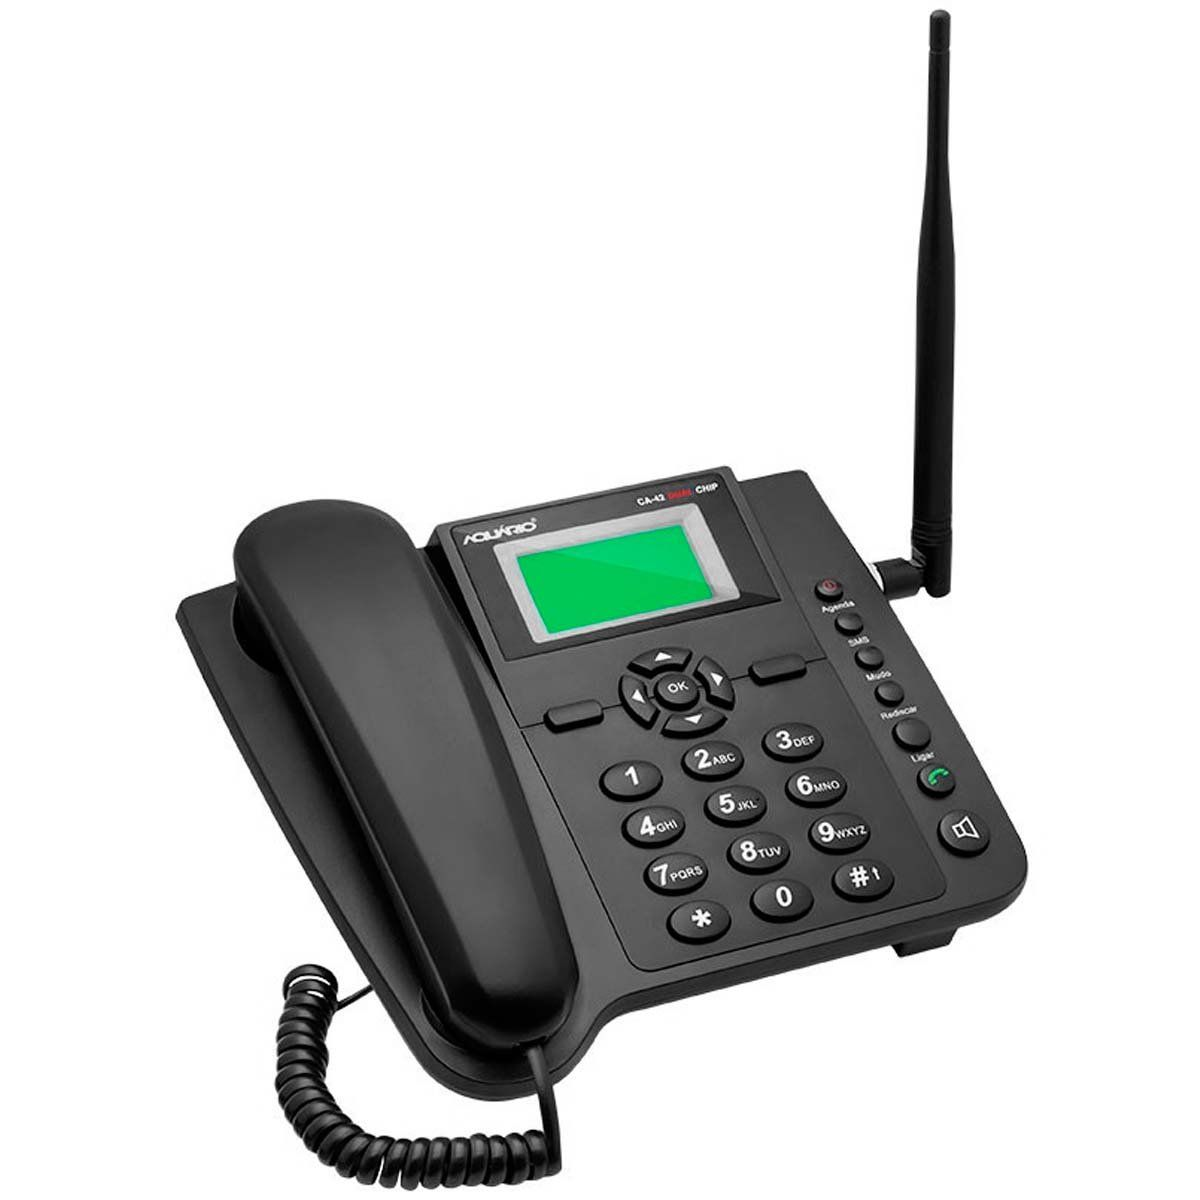 TELEFONE DE MESA 3G CA-403G